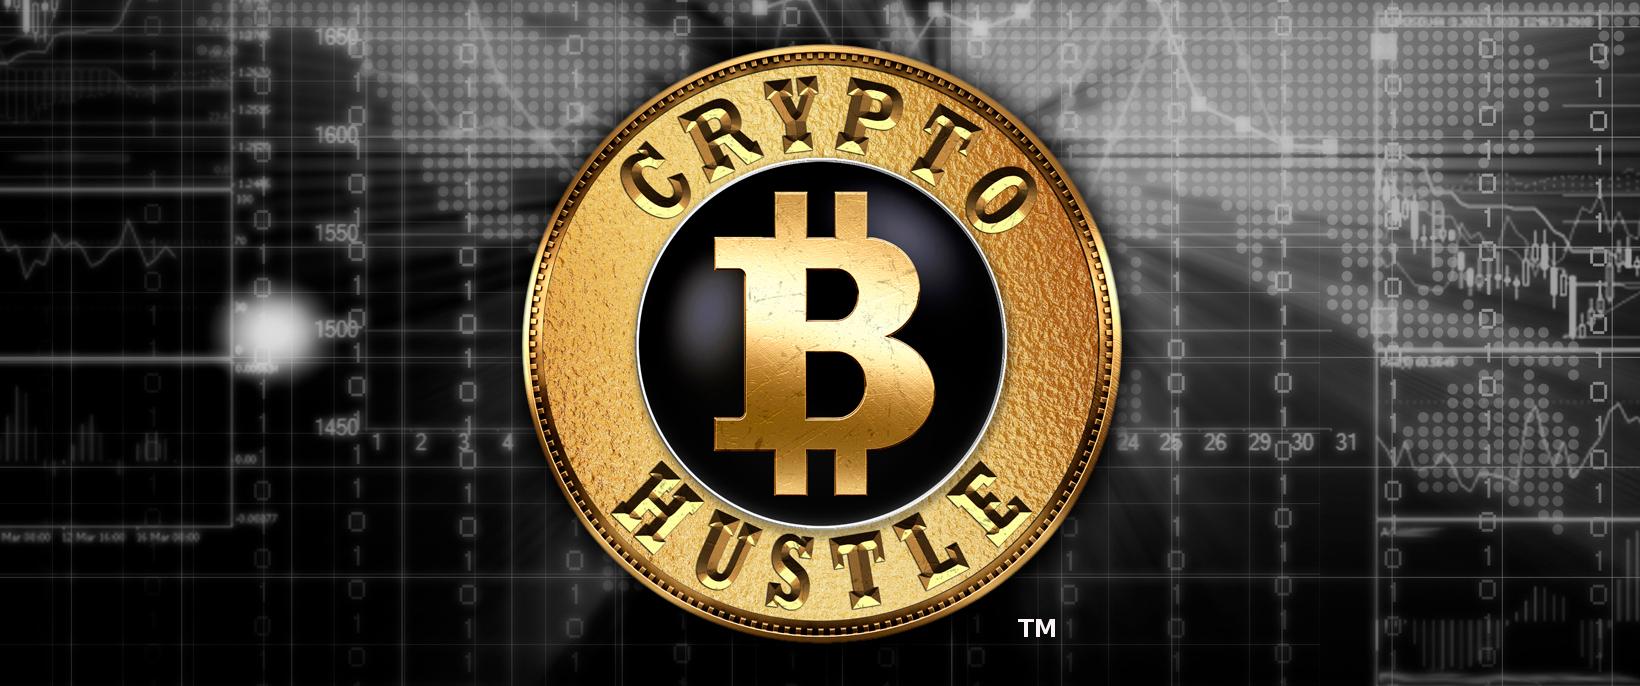 Kết quả hình ảnh cho Crypto